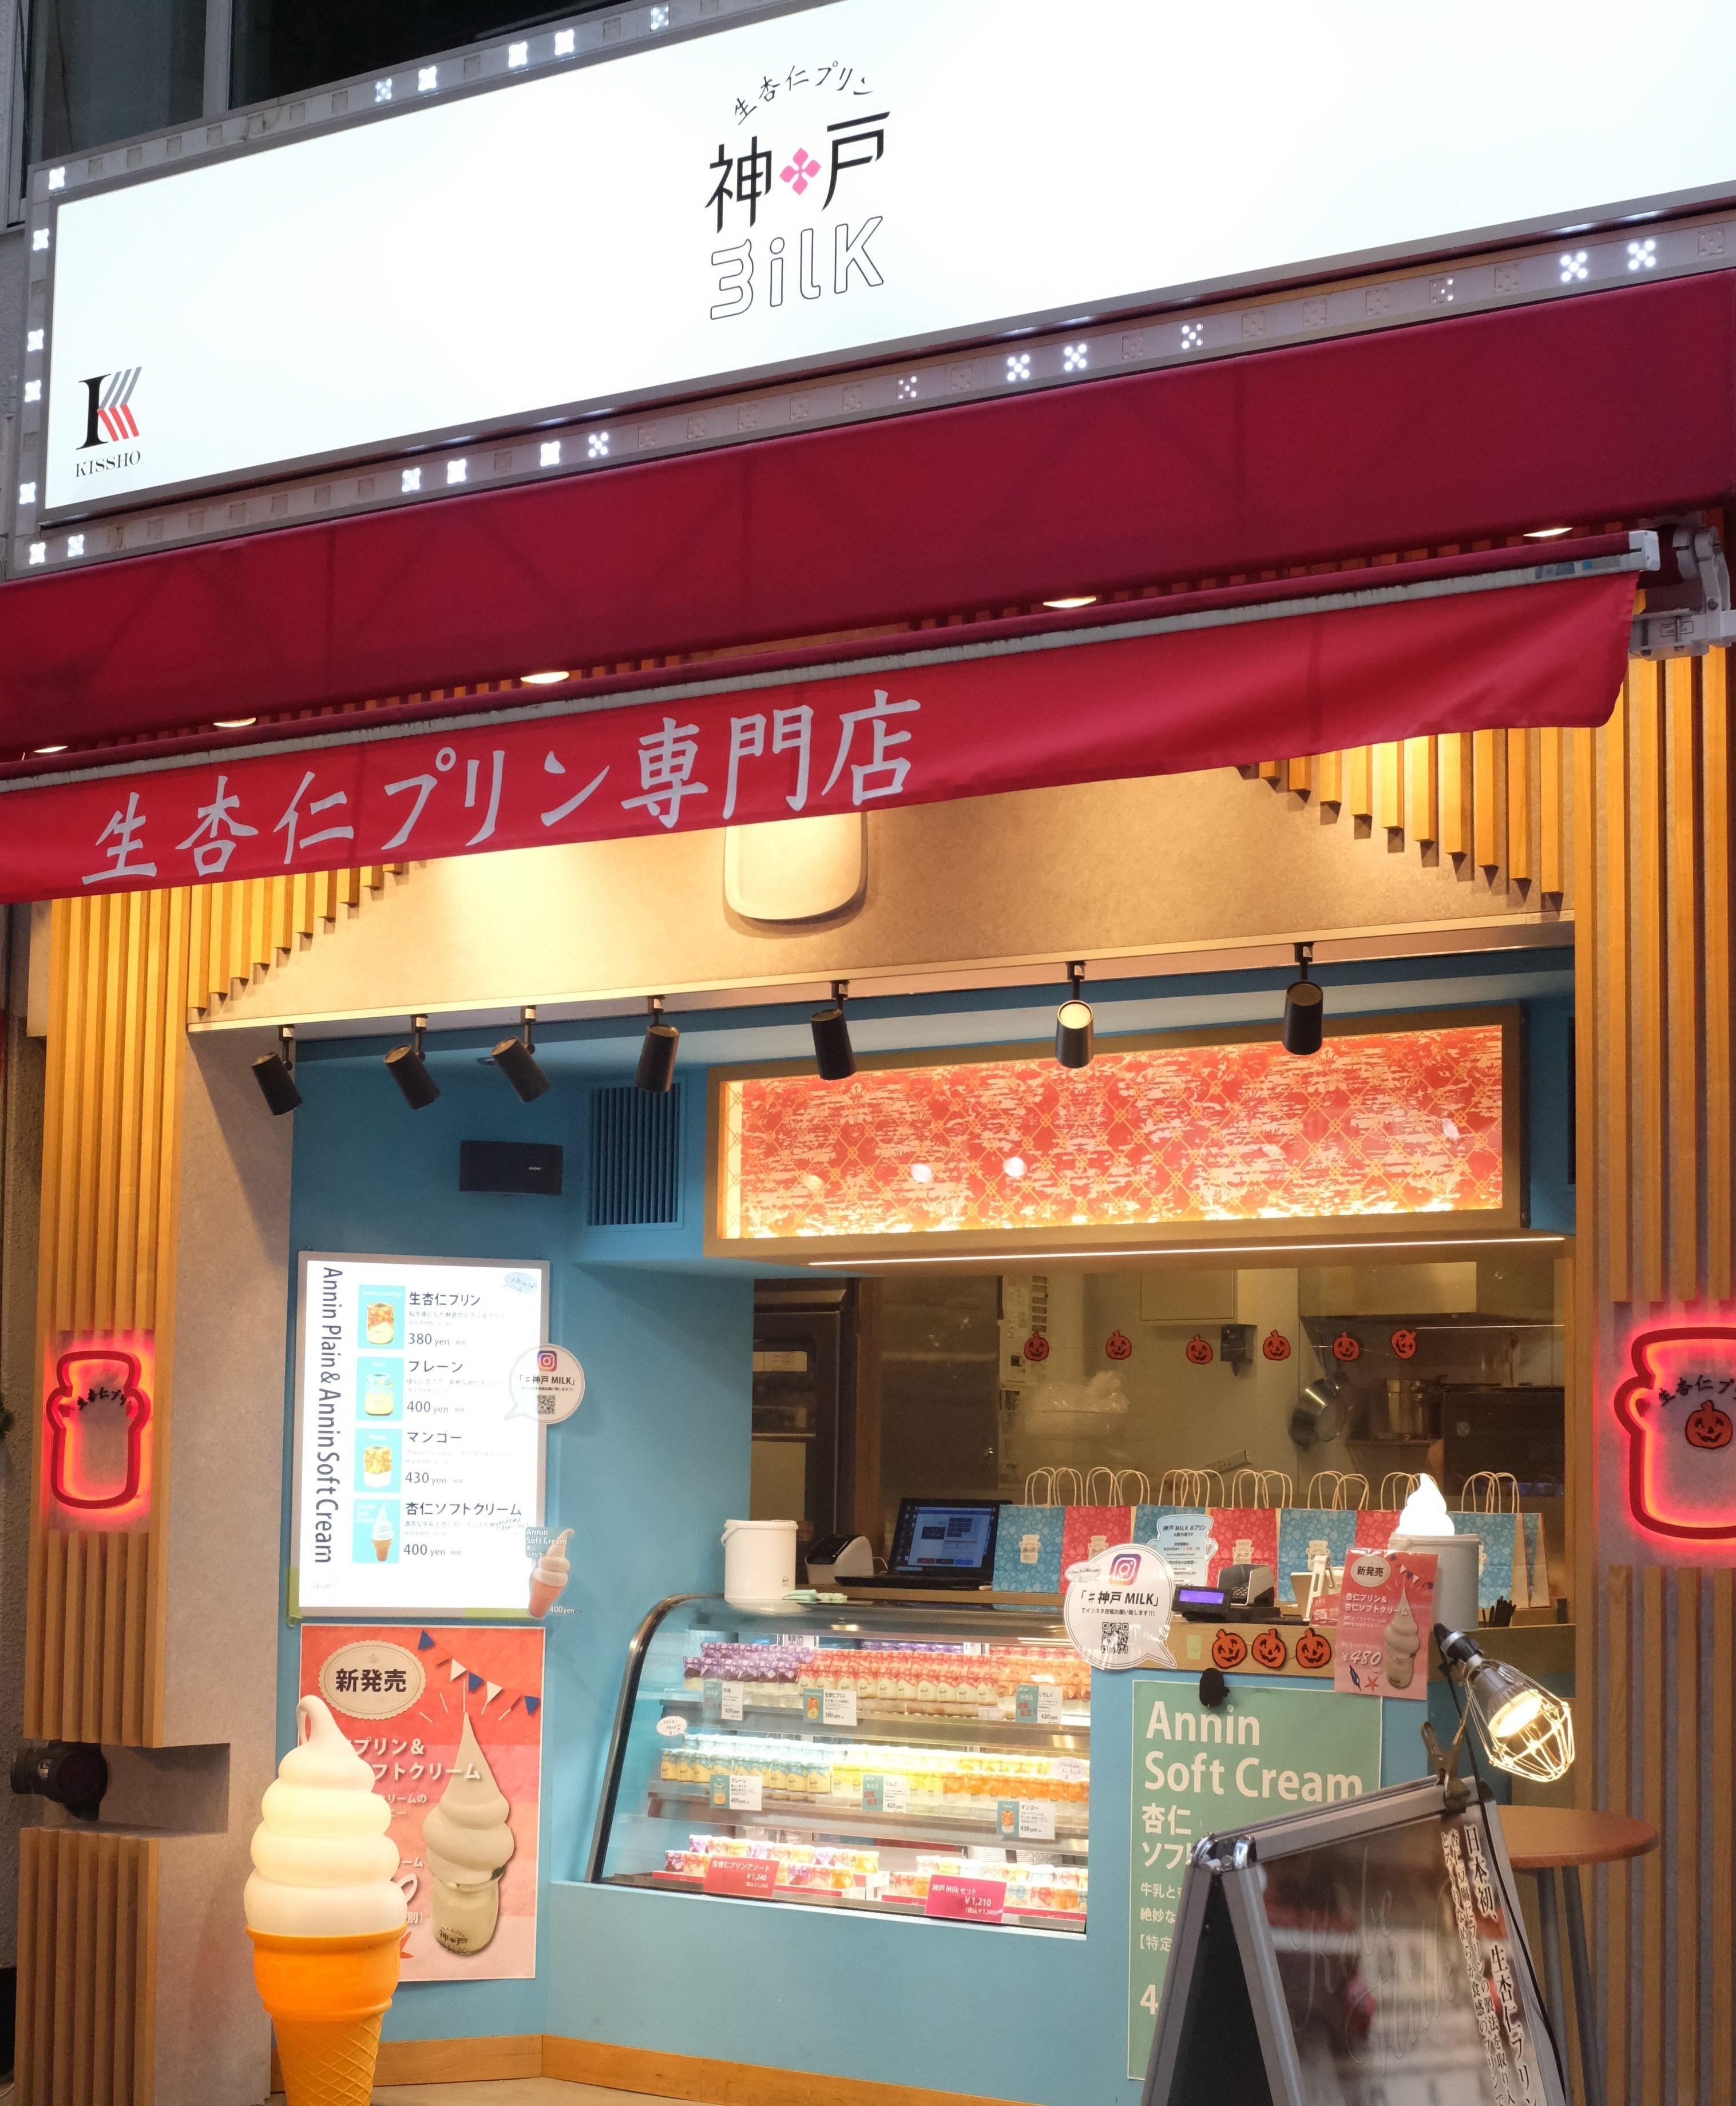 神戸産牛乳を使用したプリンの魅力を世界に伝えたい! 12月7日、神戸の生杏仁プリン専門店が ギネス世界記録(TM)にチャレンジ! 1時間でのプリン販売個数世界一へ!